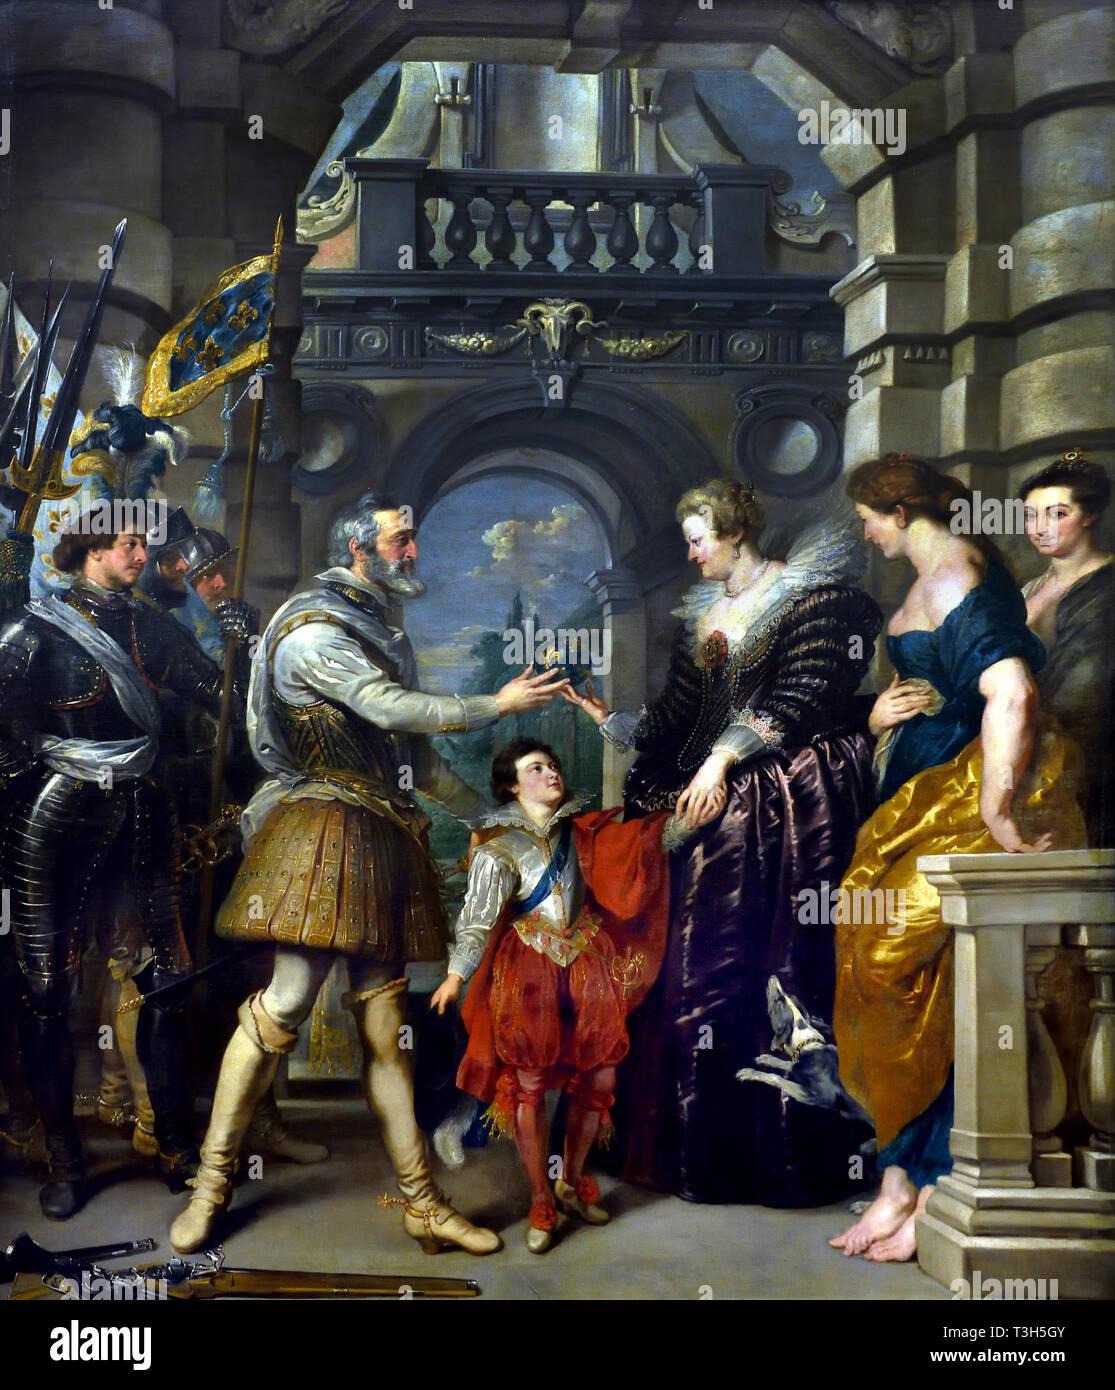 La consignación del Regency - El Marie de Médicis Ciclo 1622-1624 por Peter Paul Rubens, encargado por la Reina María de Médicis, viuda del rey Enrique IV de Francia, para el Palacio de Luxemburgo en París, Imagen De Stock